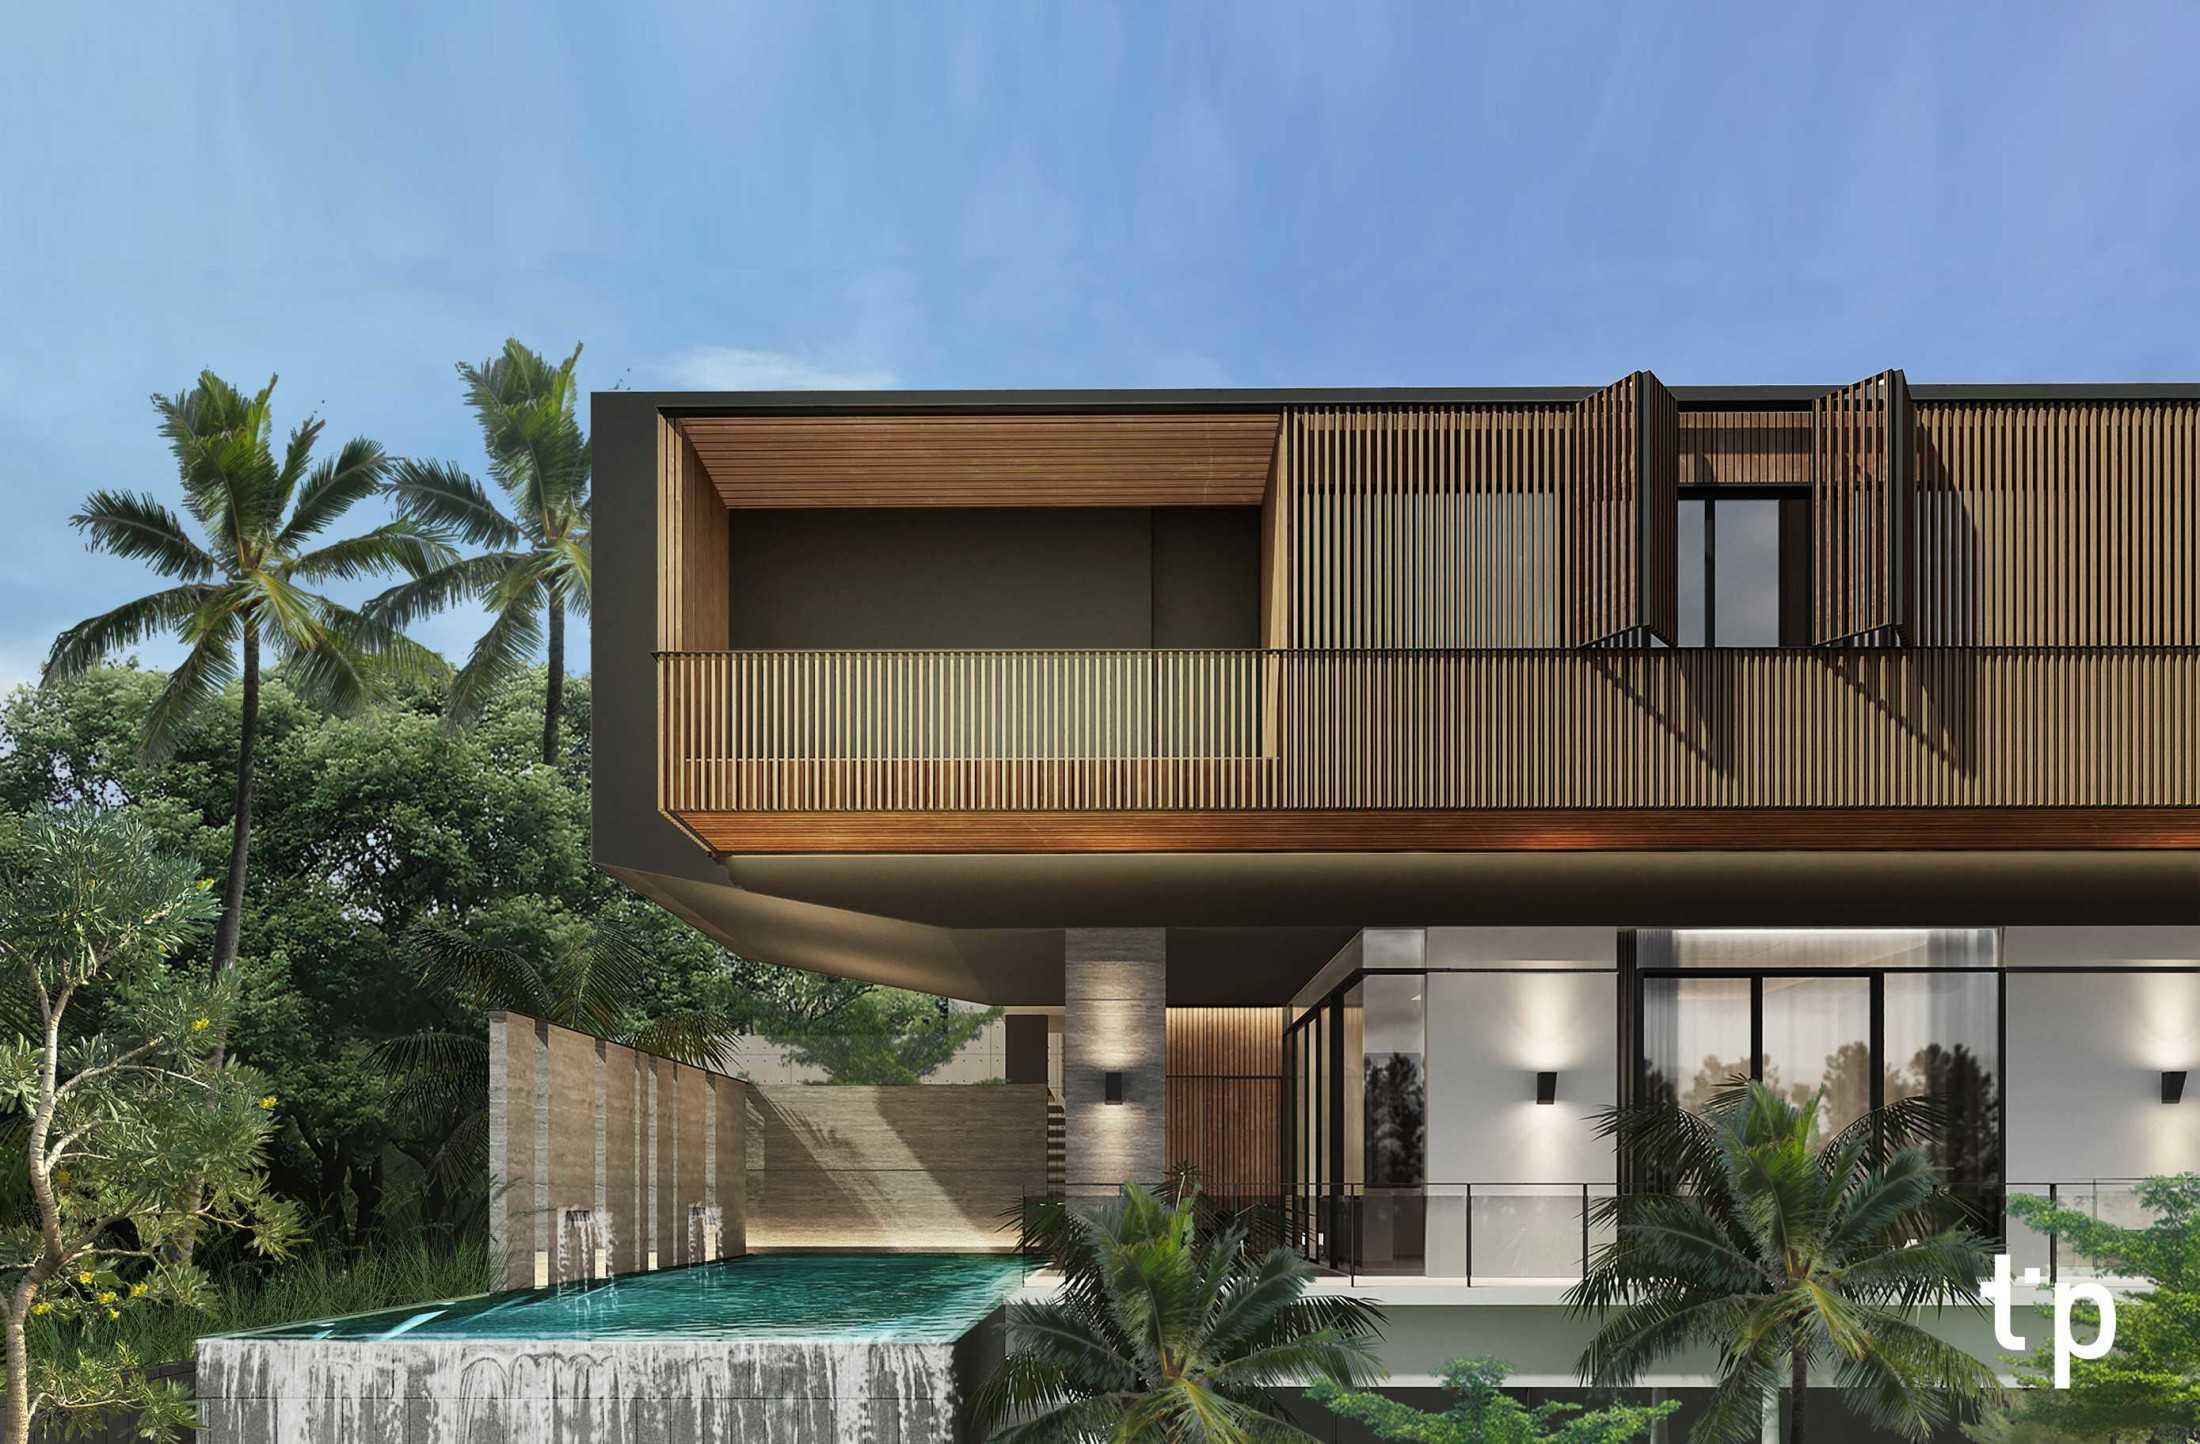 Tp Architects Vks House Jambi, Kota Jambi, Jambi, Indonesia Jambi, Kota Jambi, Jambi, Indonesia Tp-Architects-Vks-House  90657